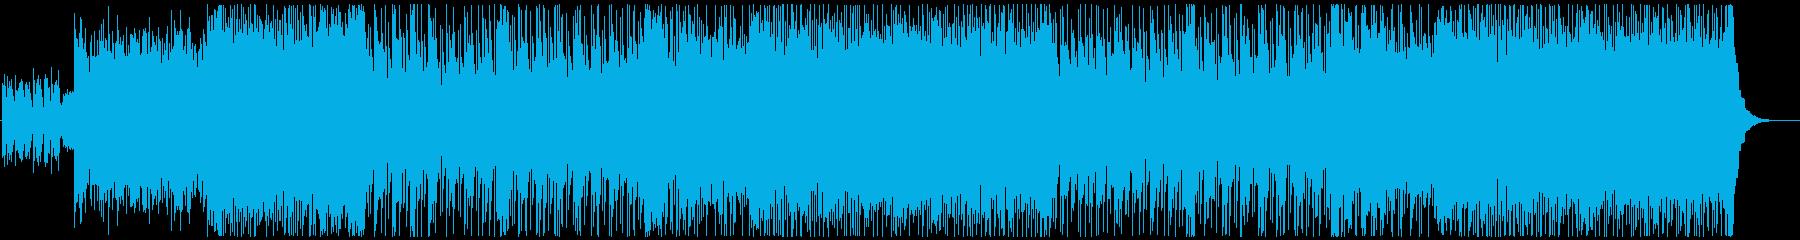 ポップでキラキラ可愛いBGMの再生済みの波形